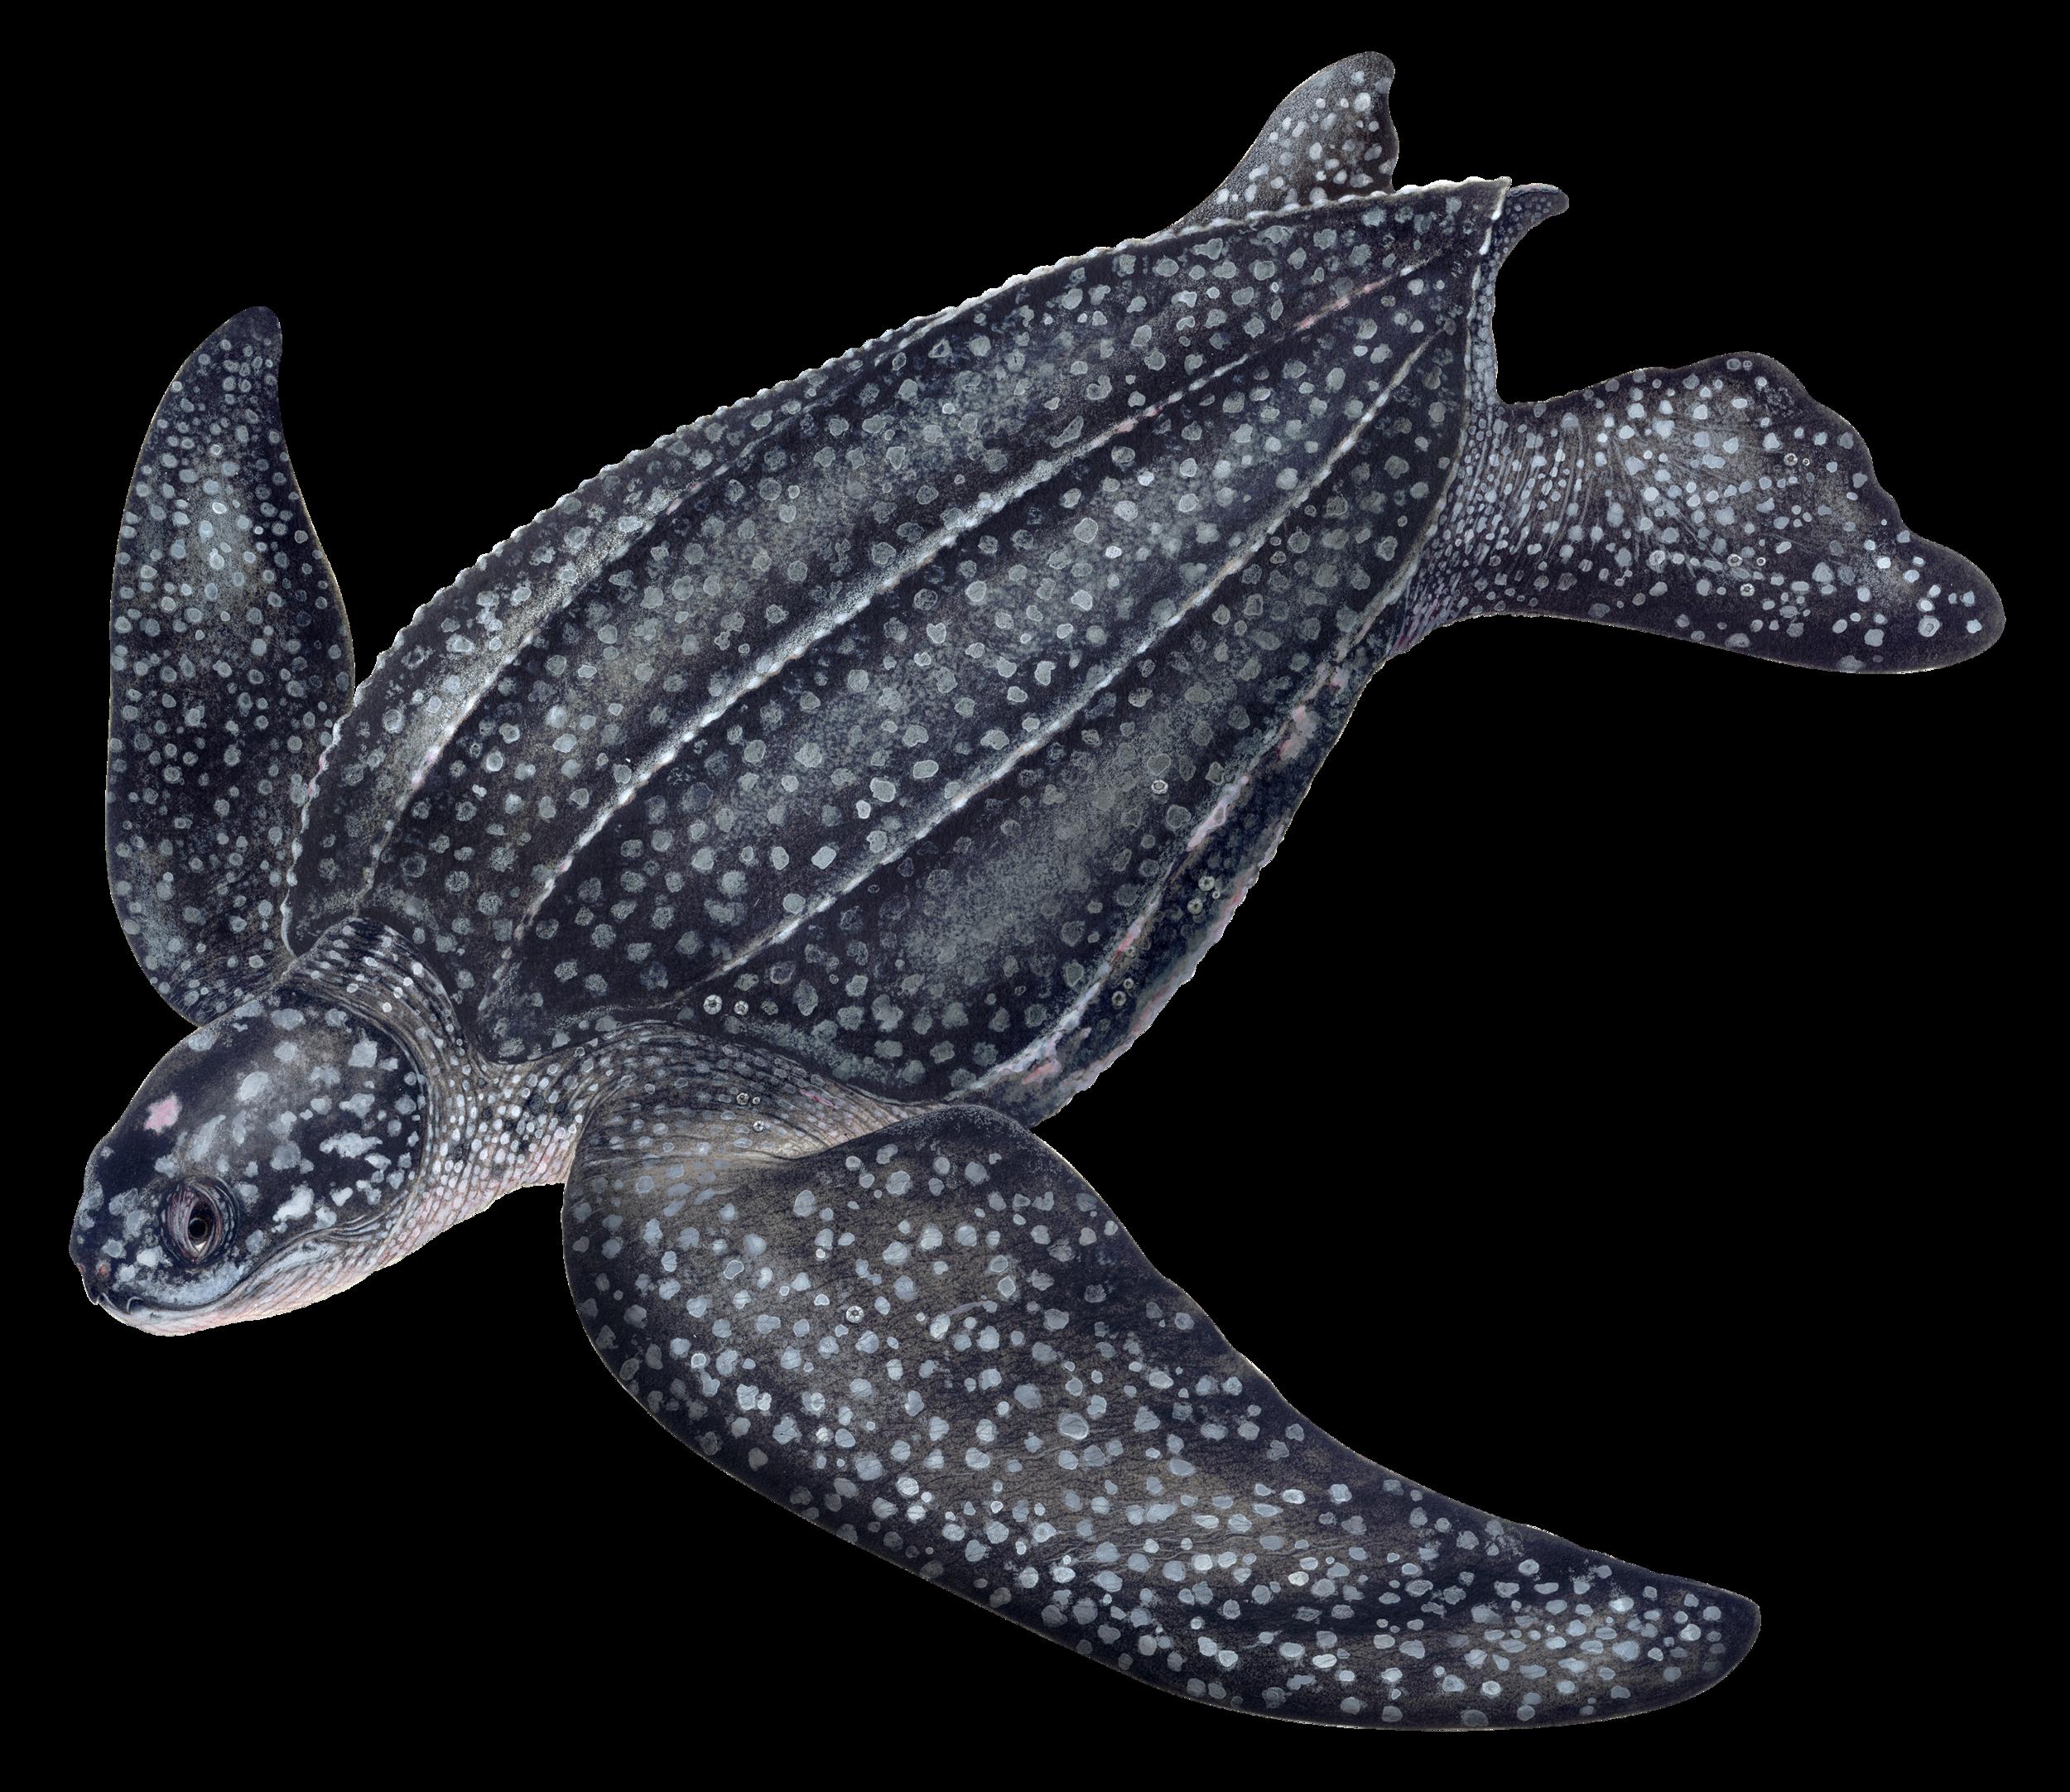 Leatherback Illustration